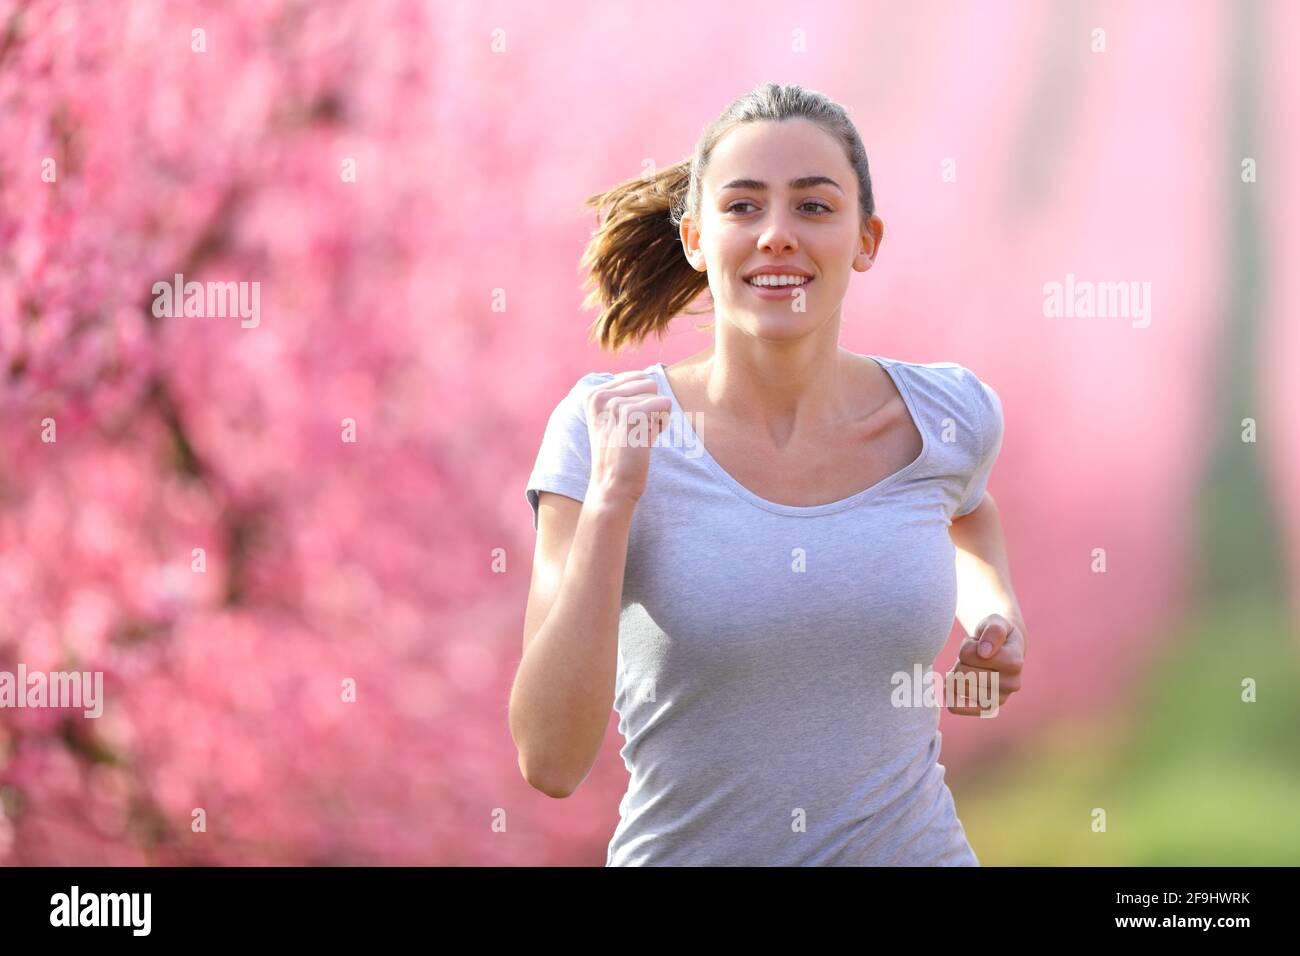 Vista frontale ritratto di una donna felice che corre in un campo fiorito verso la telecamera Foto Stock